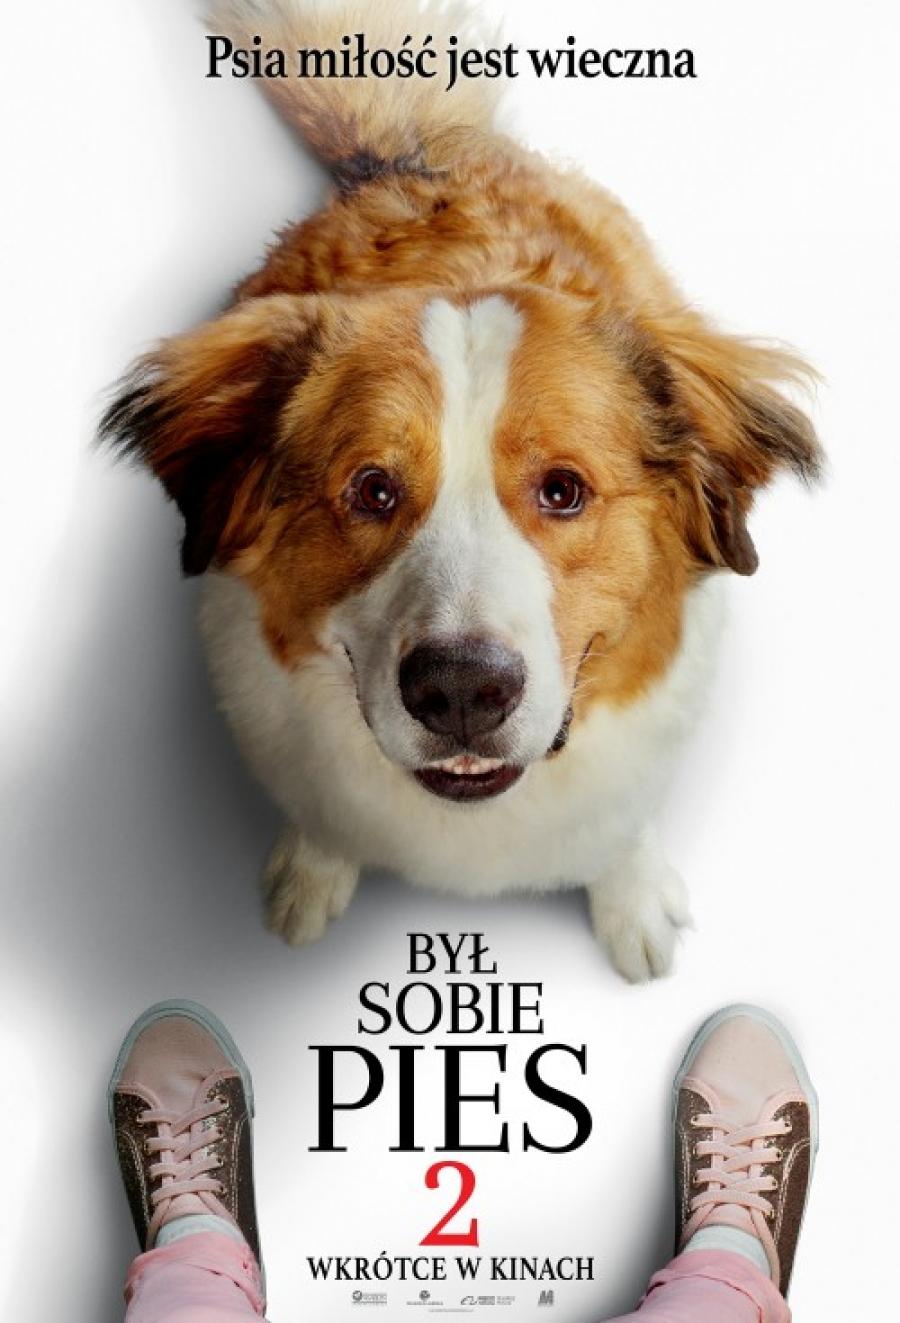 Był sobie pies 2